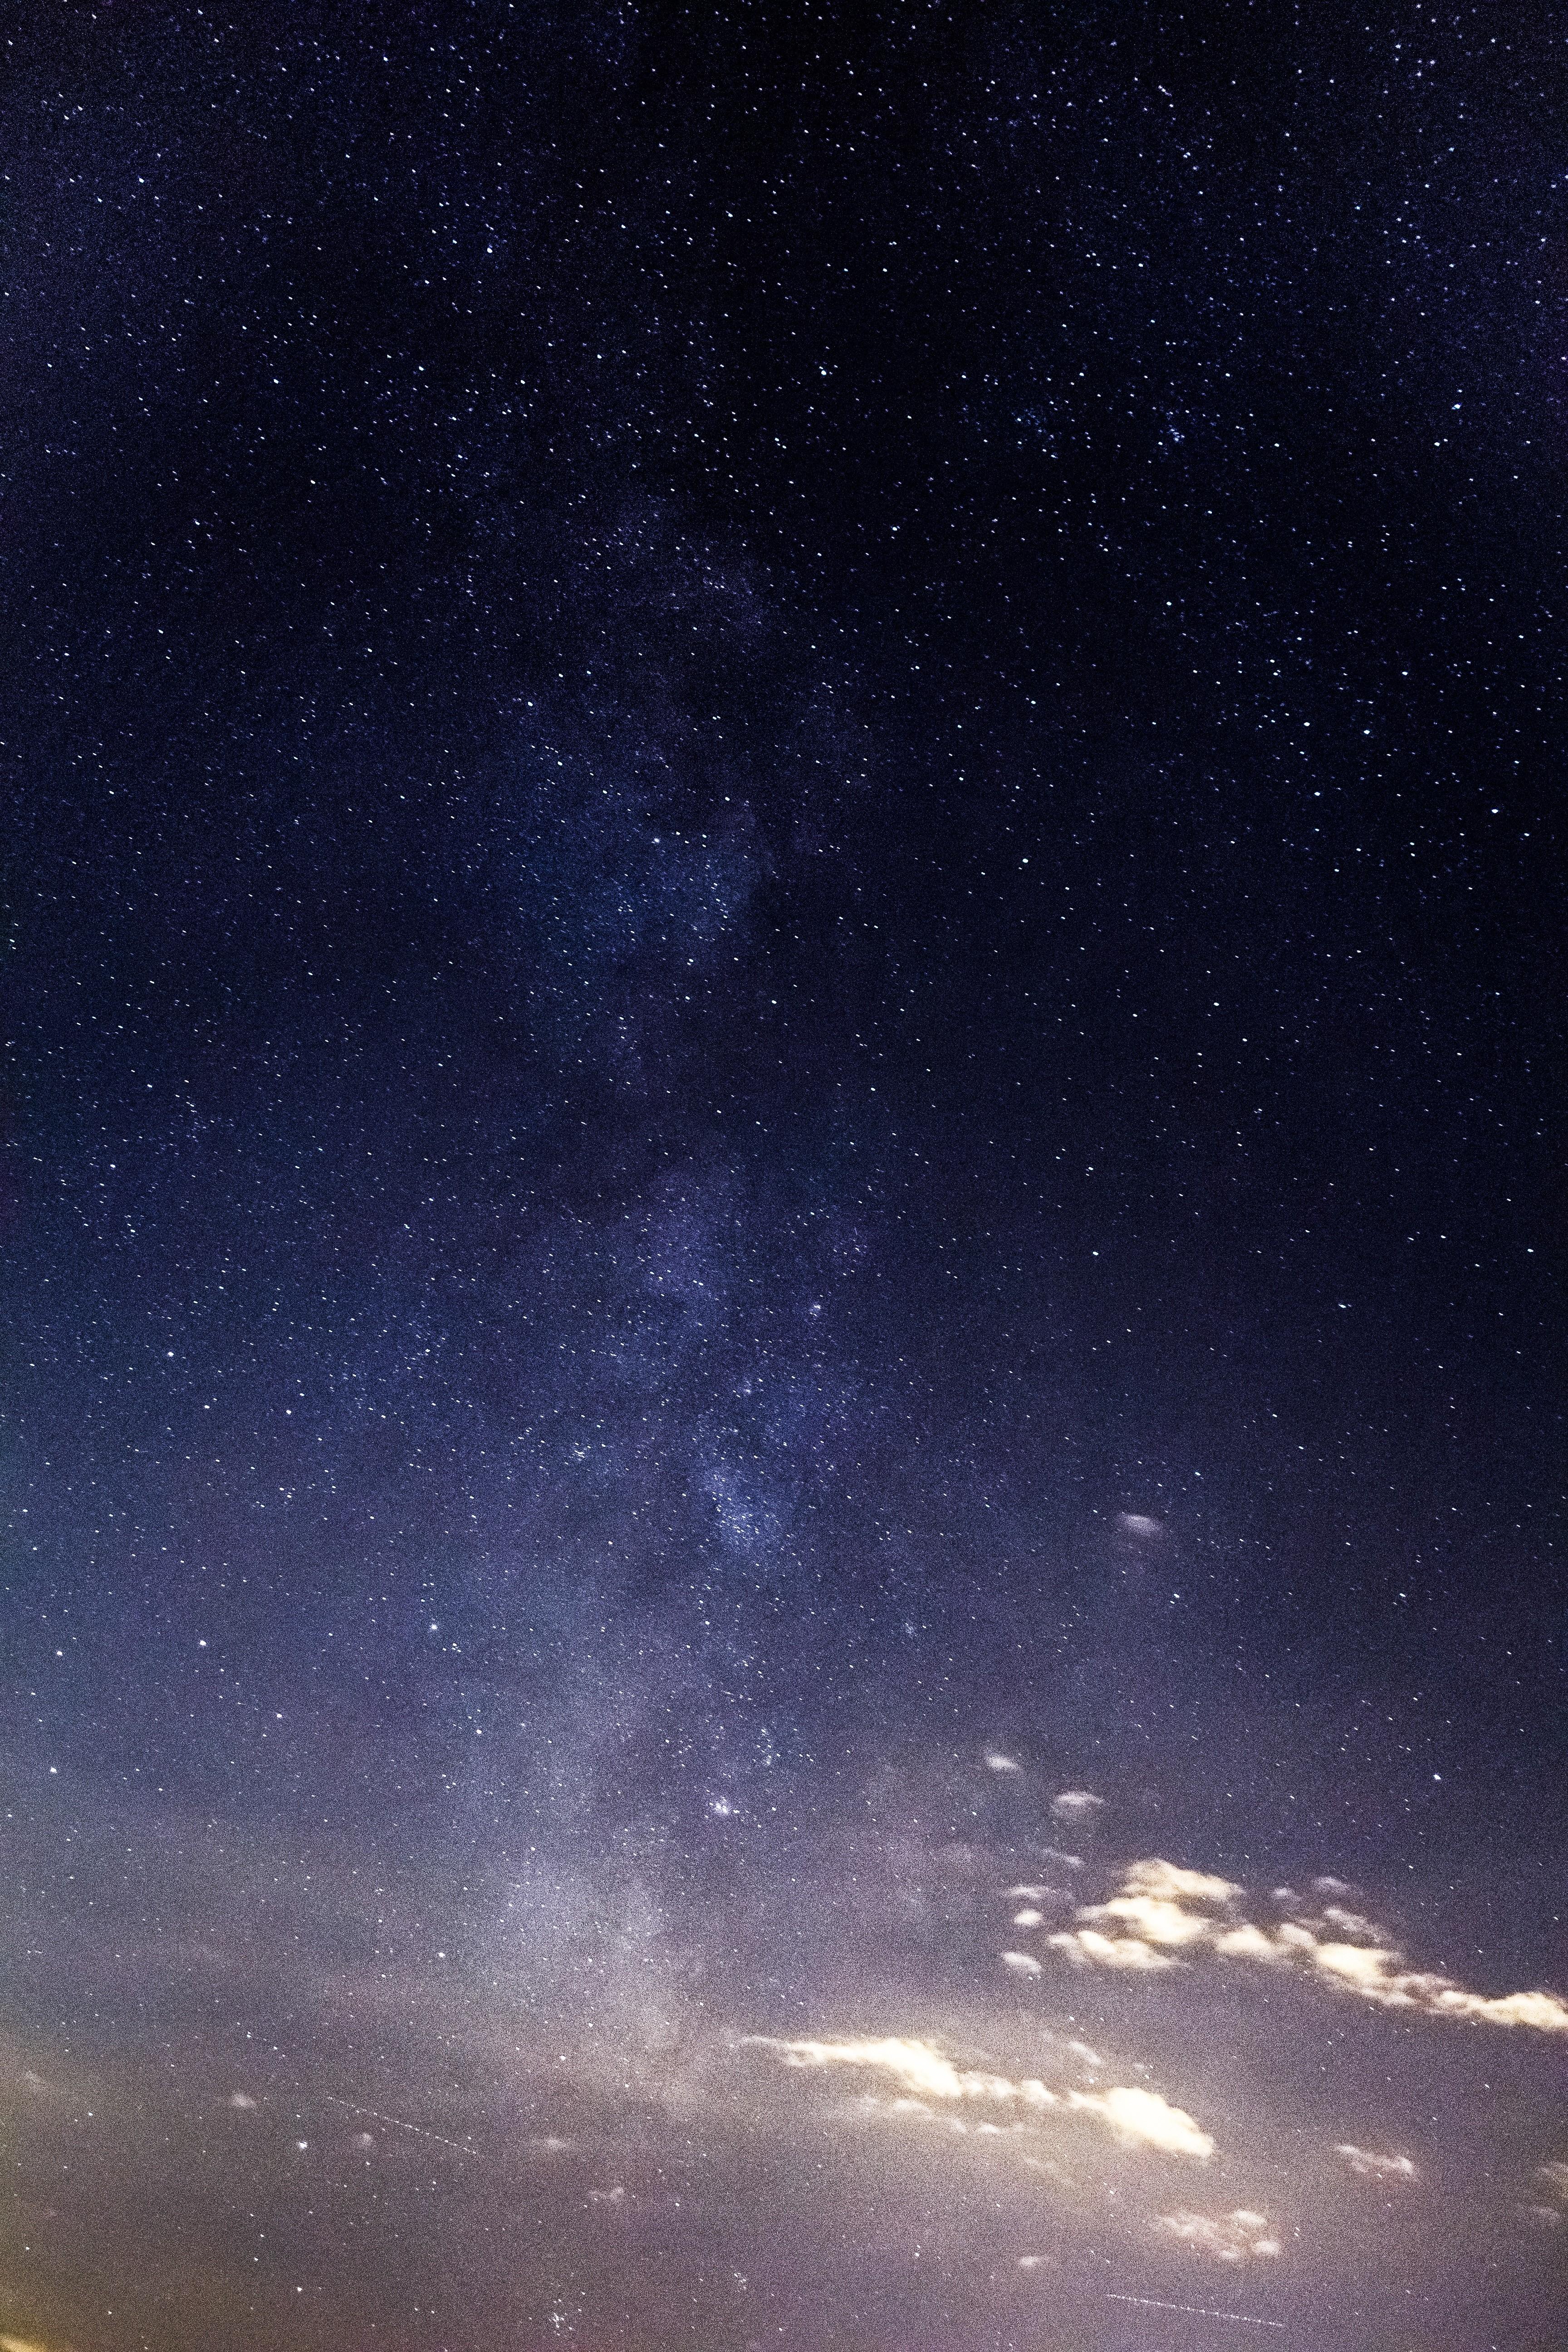 デスクトップ壁紙 銀河 自然 スペース 道路 星 天の川 科学